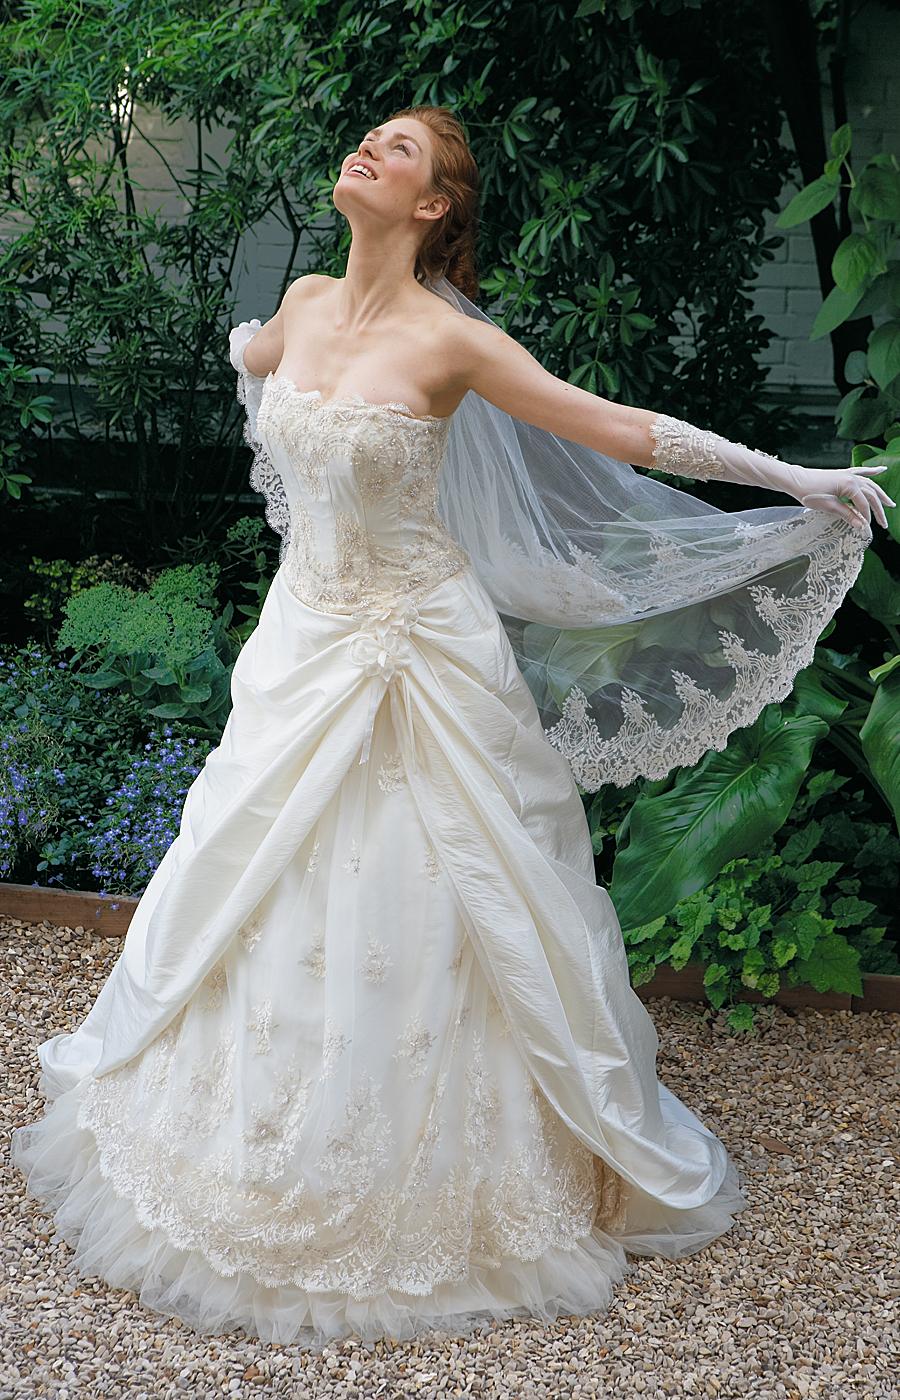 Comment choisir sa robe de mari e pour son mariage for Robes violettes plus la taille pour les mariages